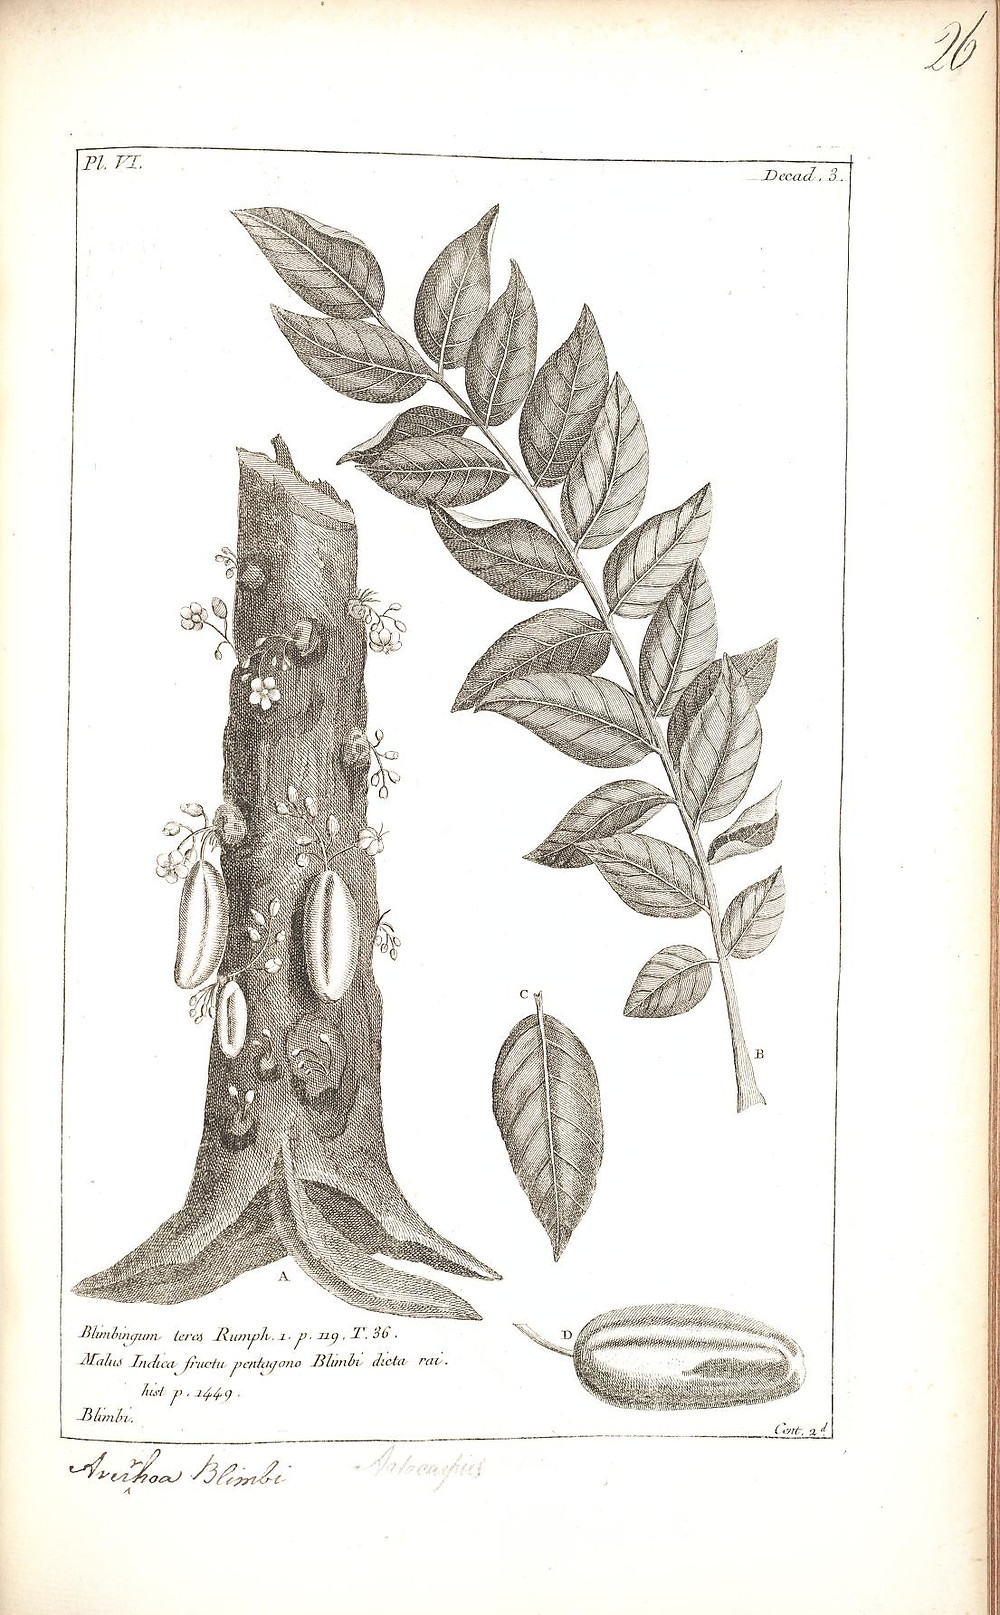 Histoire Universelle, Vol. 2, Chap 3, Paris: Brunet,1775-1778